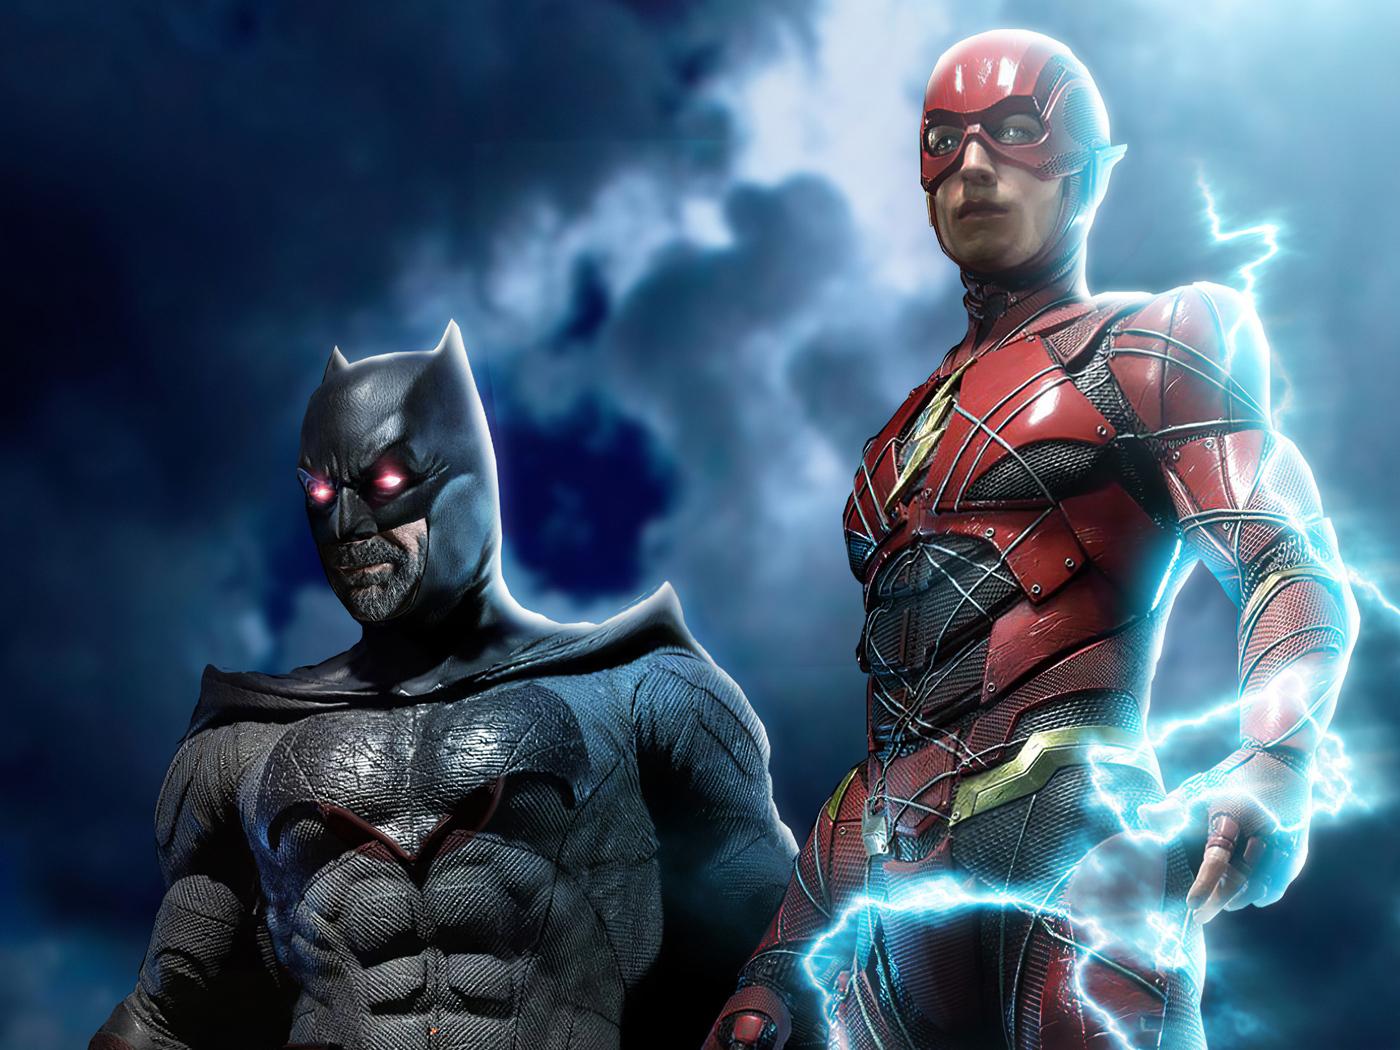 batman-and-flash-2020-a5.jpg